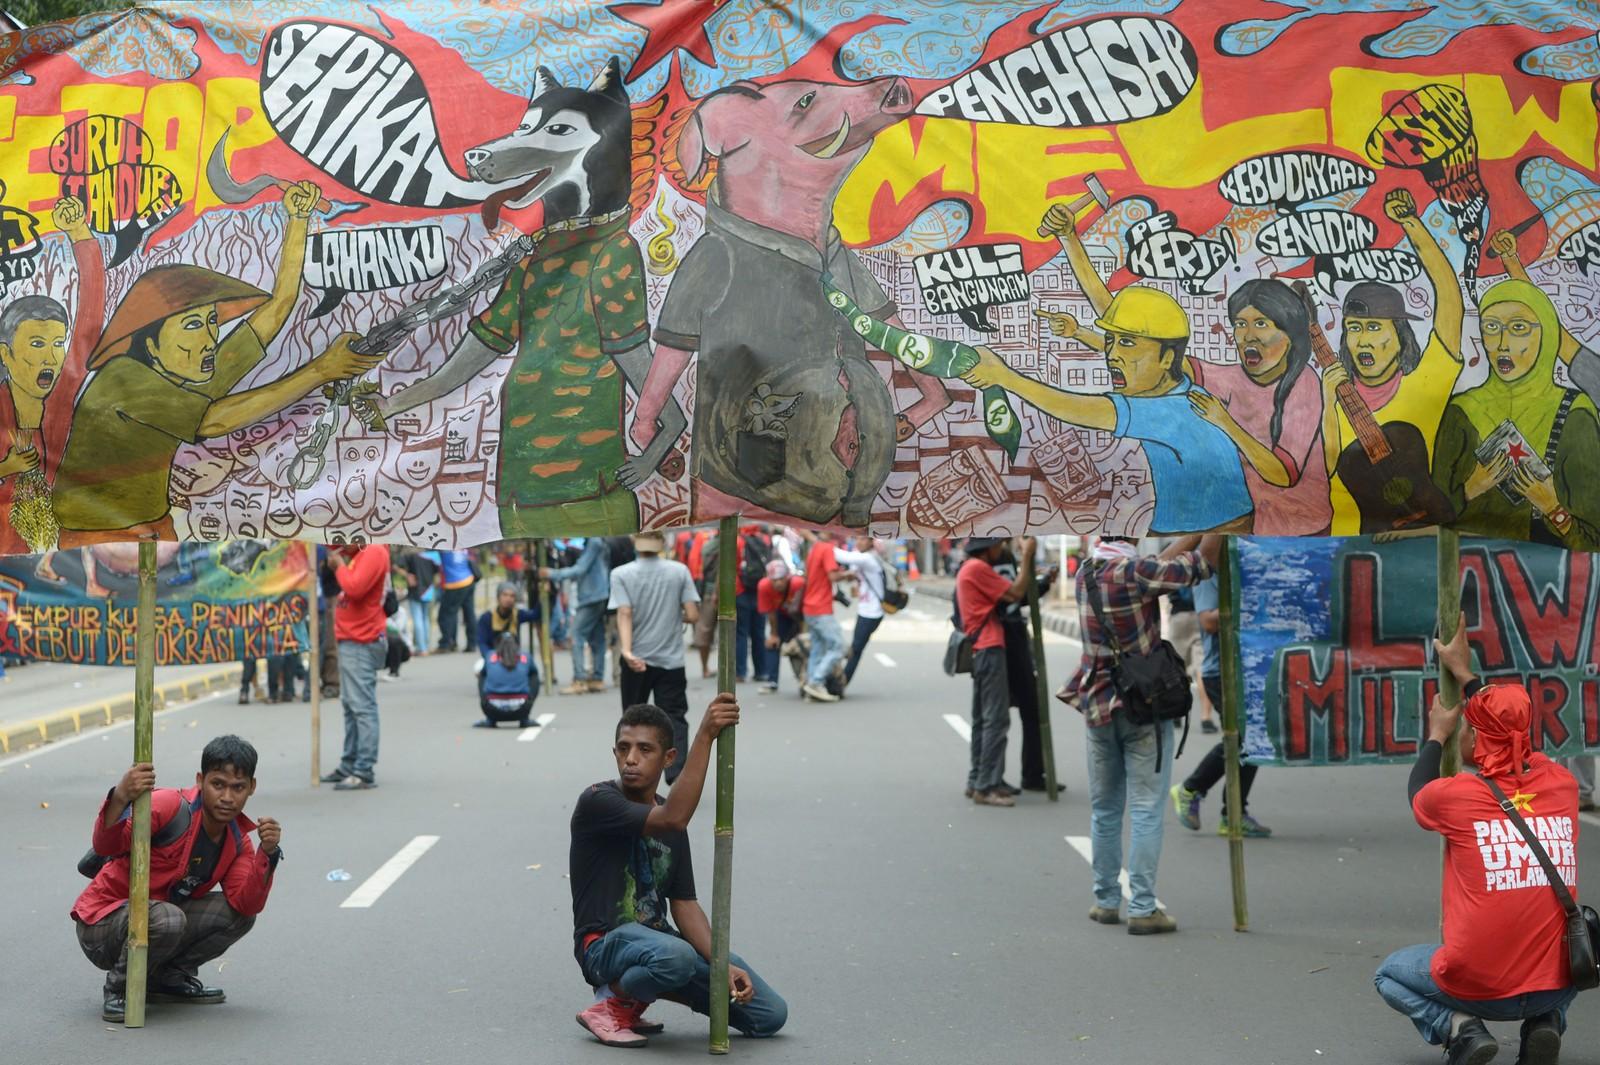 Indonesiske arbeidere og aktivister deltar i en markering av 1. mai, arbeidernes dag, i Jakarta søndag.